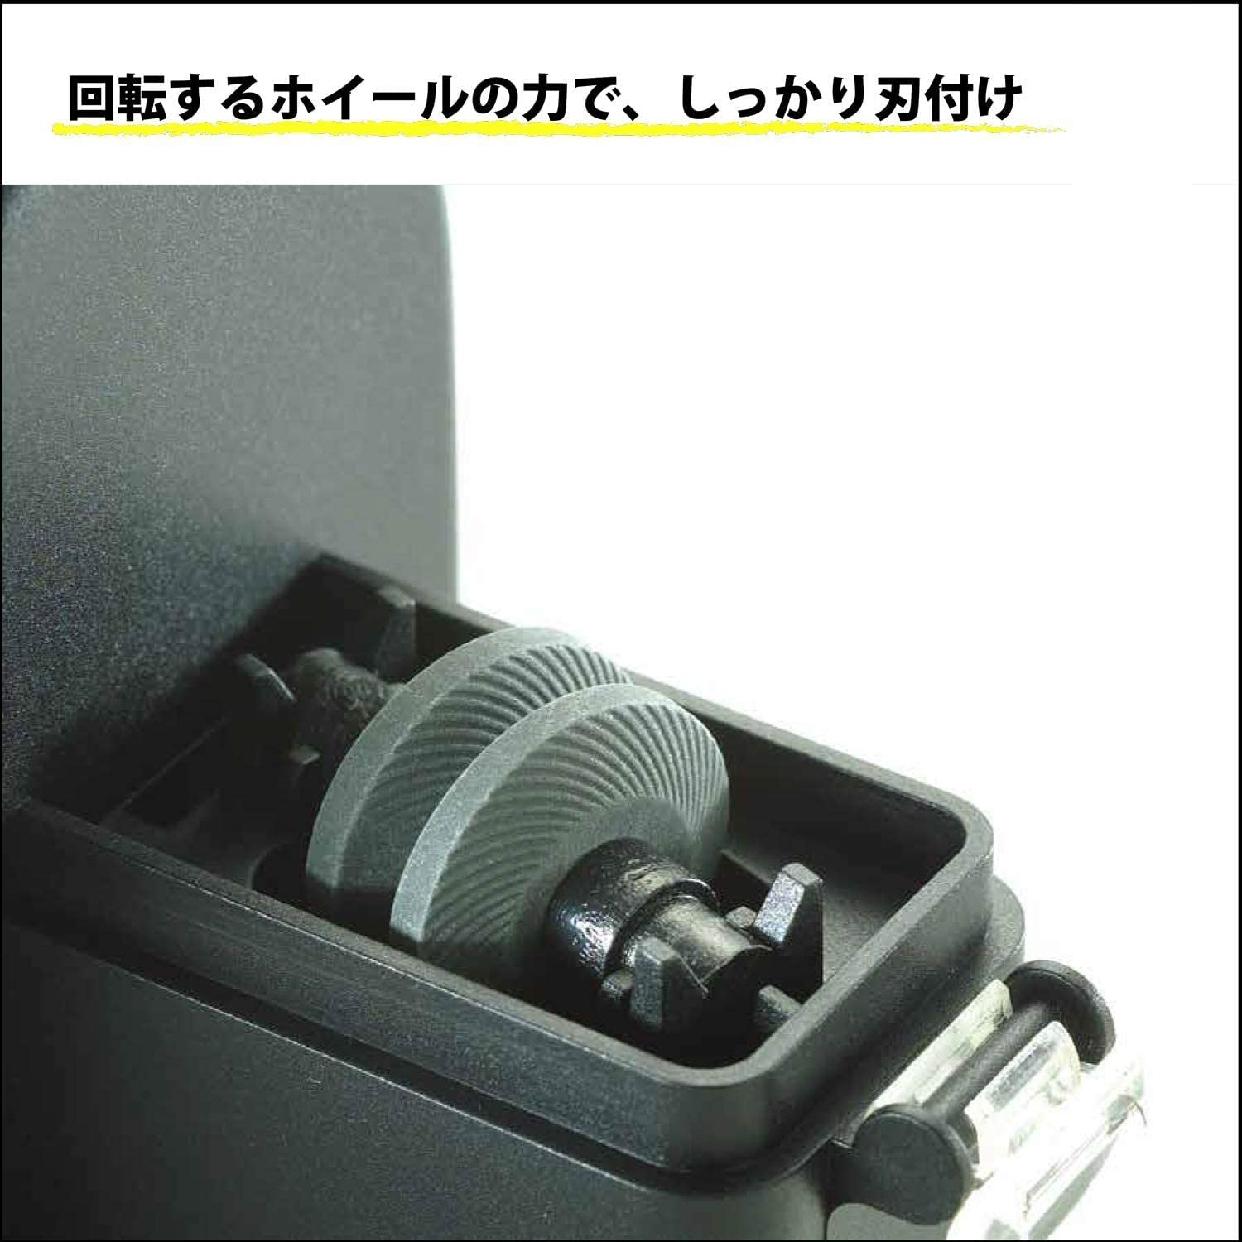 京セラ(キョウセラ)ロールシャープナー ブラック RS-20BK(N)の商品画像5